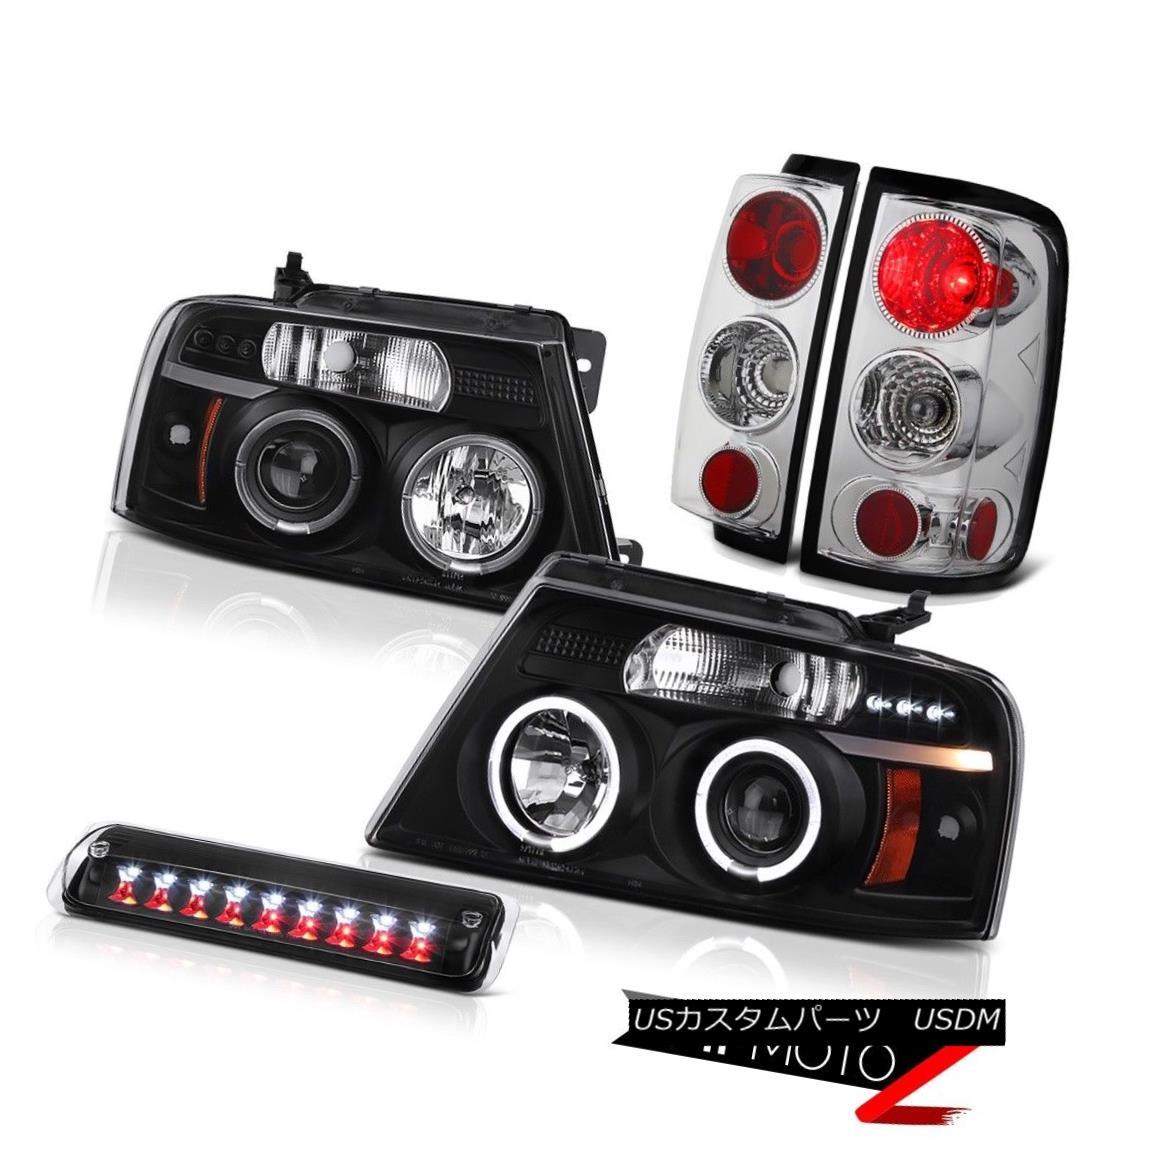 テールライト 04-08 Ford F150 STX Roof Brake Light Headlights Taillights Halo Rim Altezza Euro 04-08フォードF150 STXルーフブレーキライトヘッドライトハローリムアルテッツァユーロ